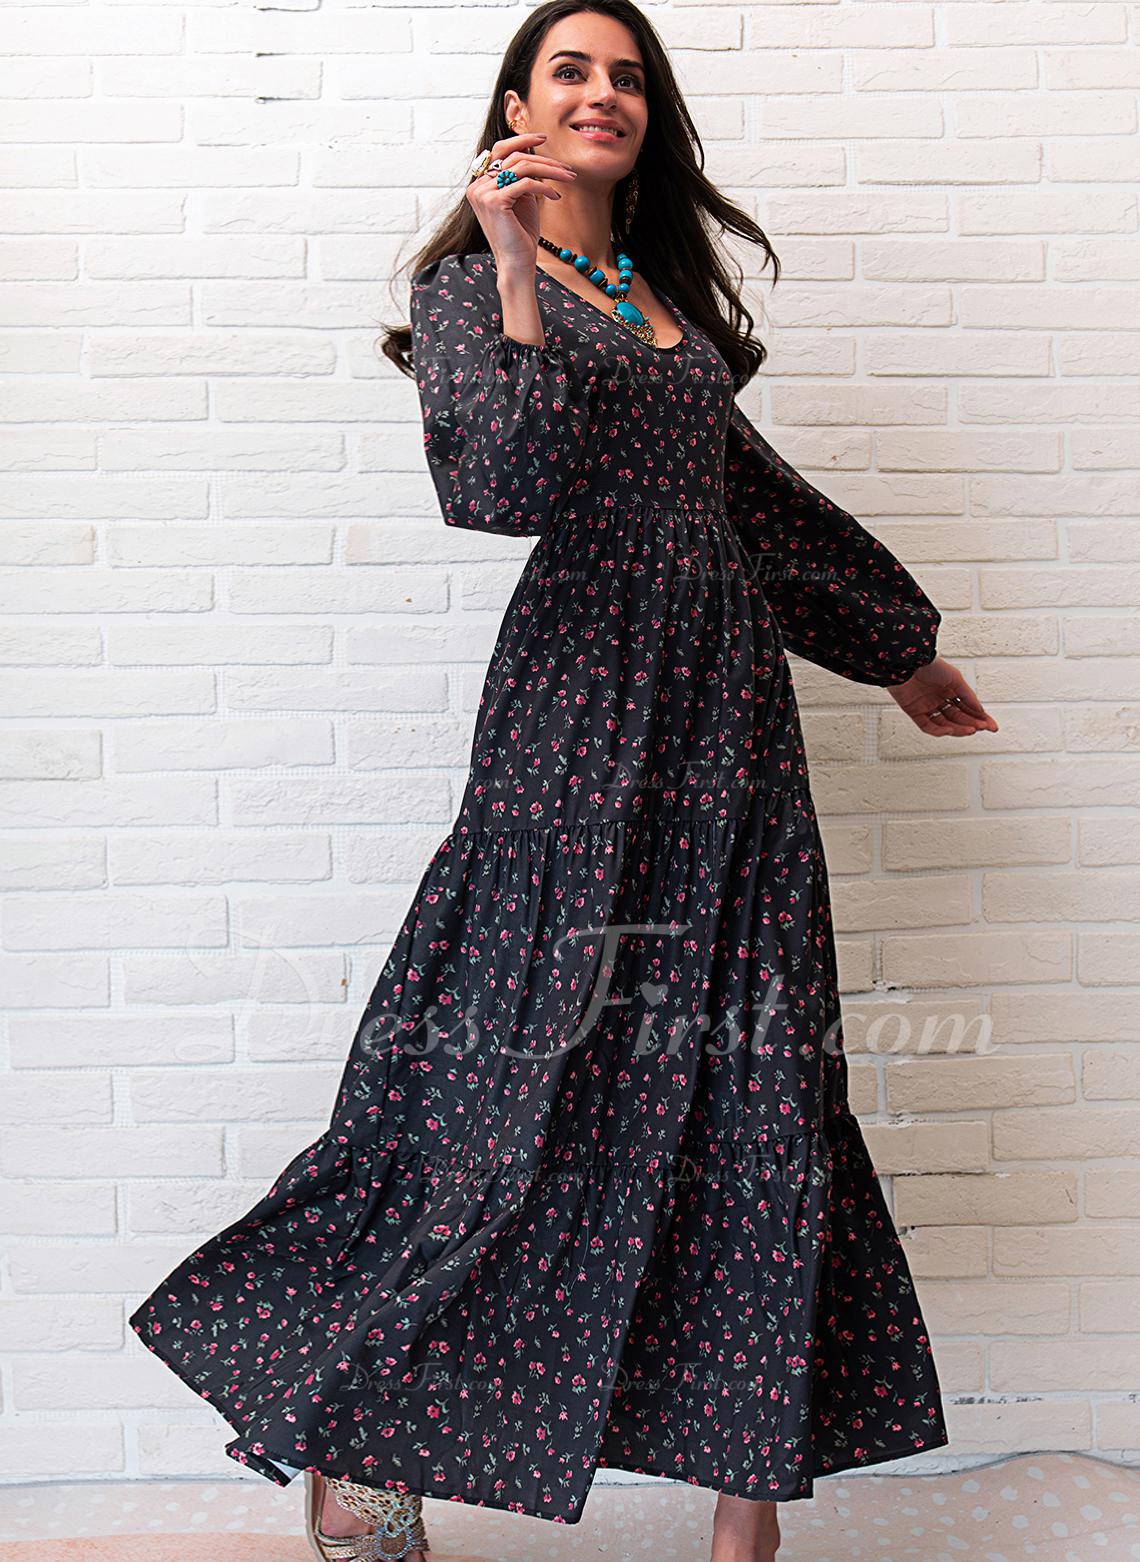 Druck A-Linien-Kleid Lange Ärmel Maxi Lässige Kleidung Skater Modekleider